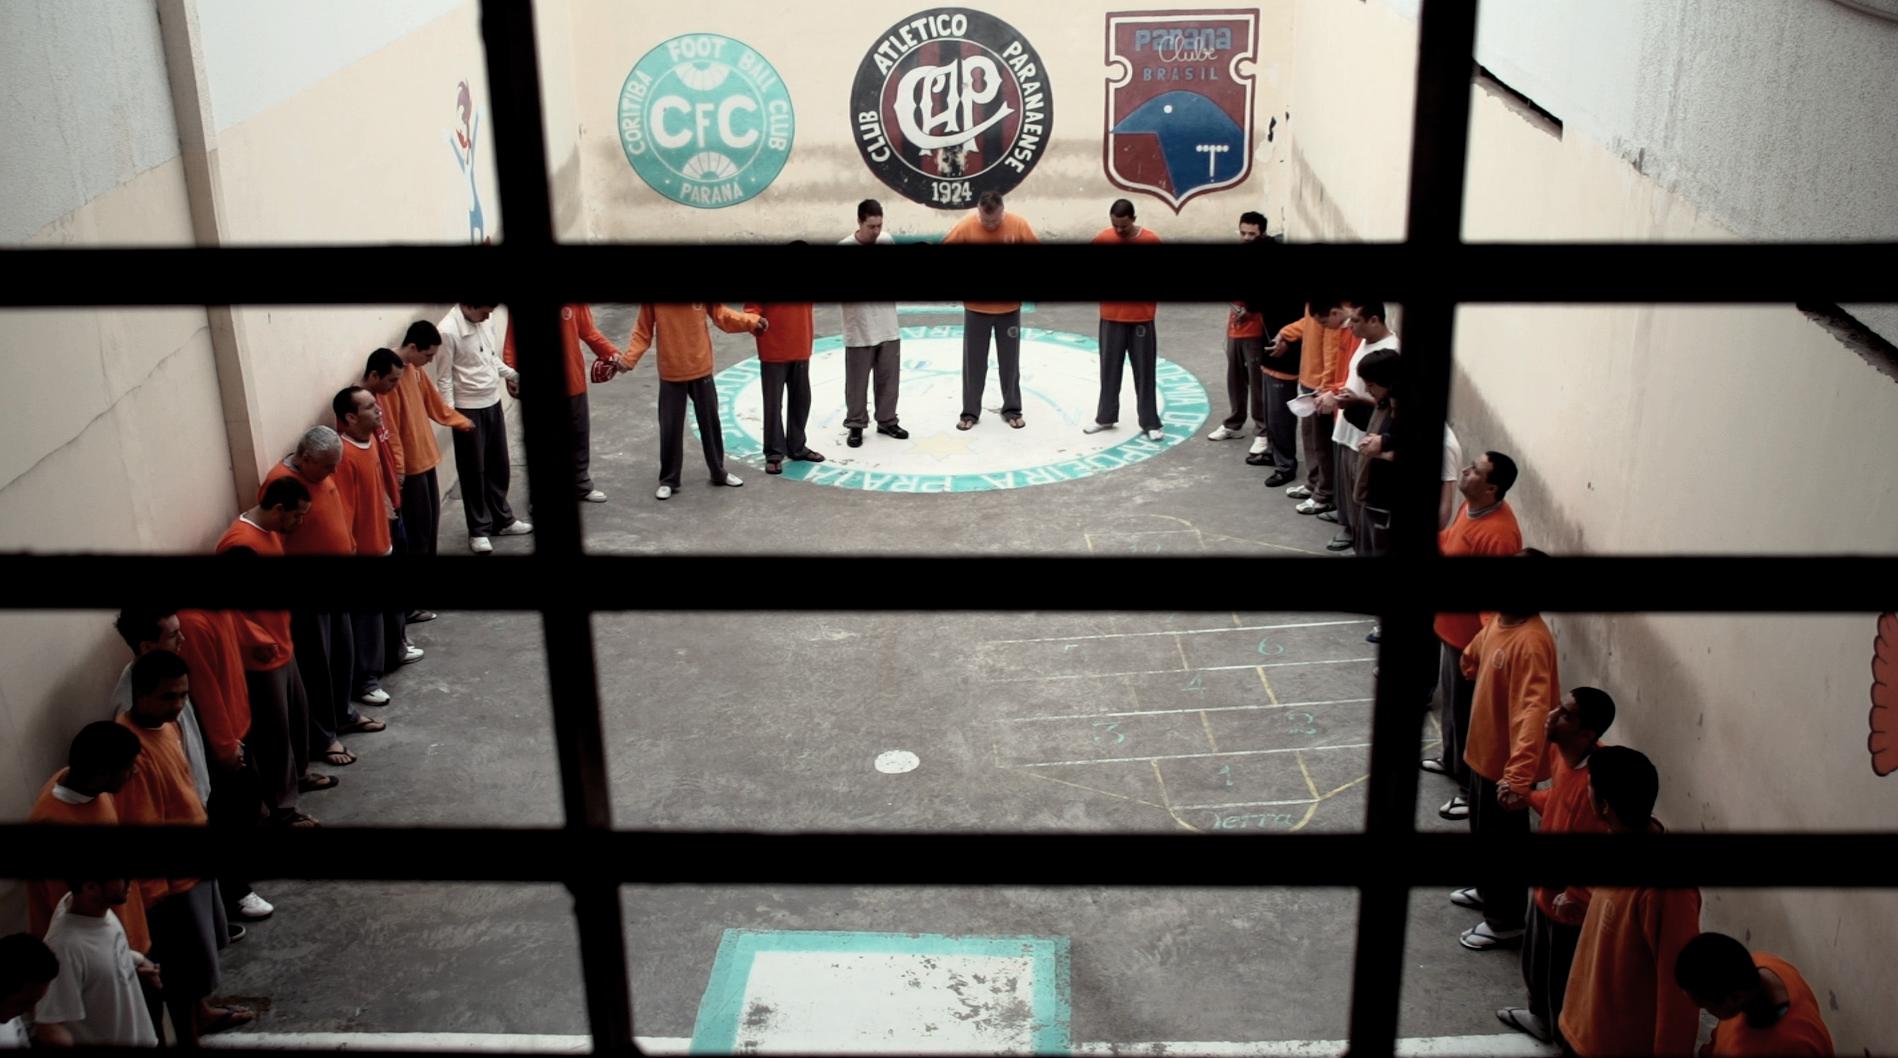 Cena do curta-metragem Pátio, de Aly Muritiba, que concorre na Semana da Crítica do Festival de Cannes 2013.